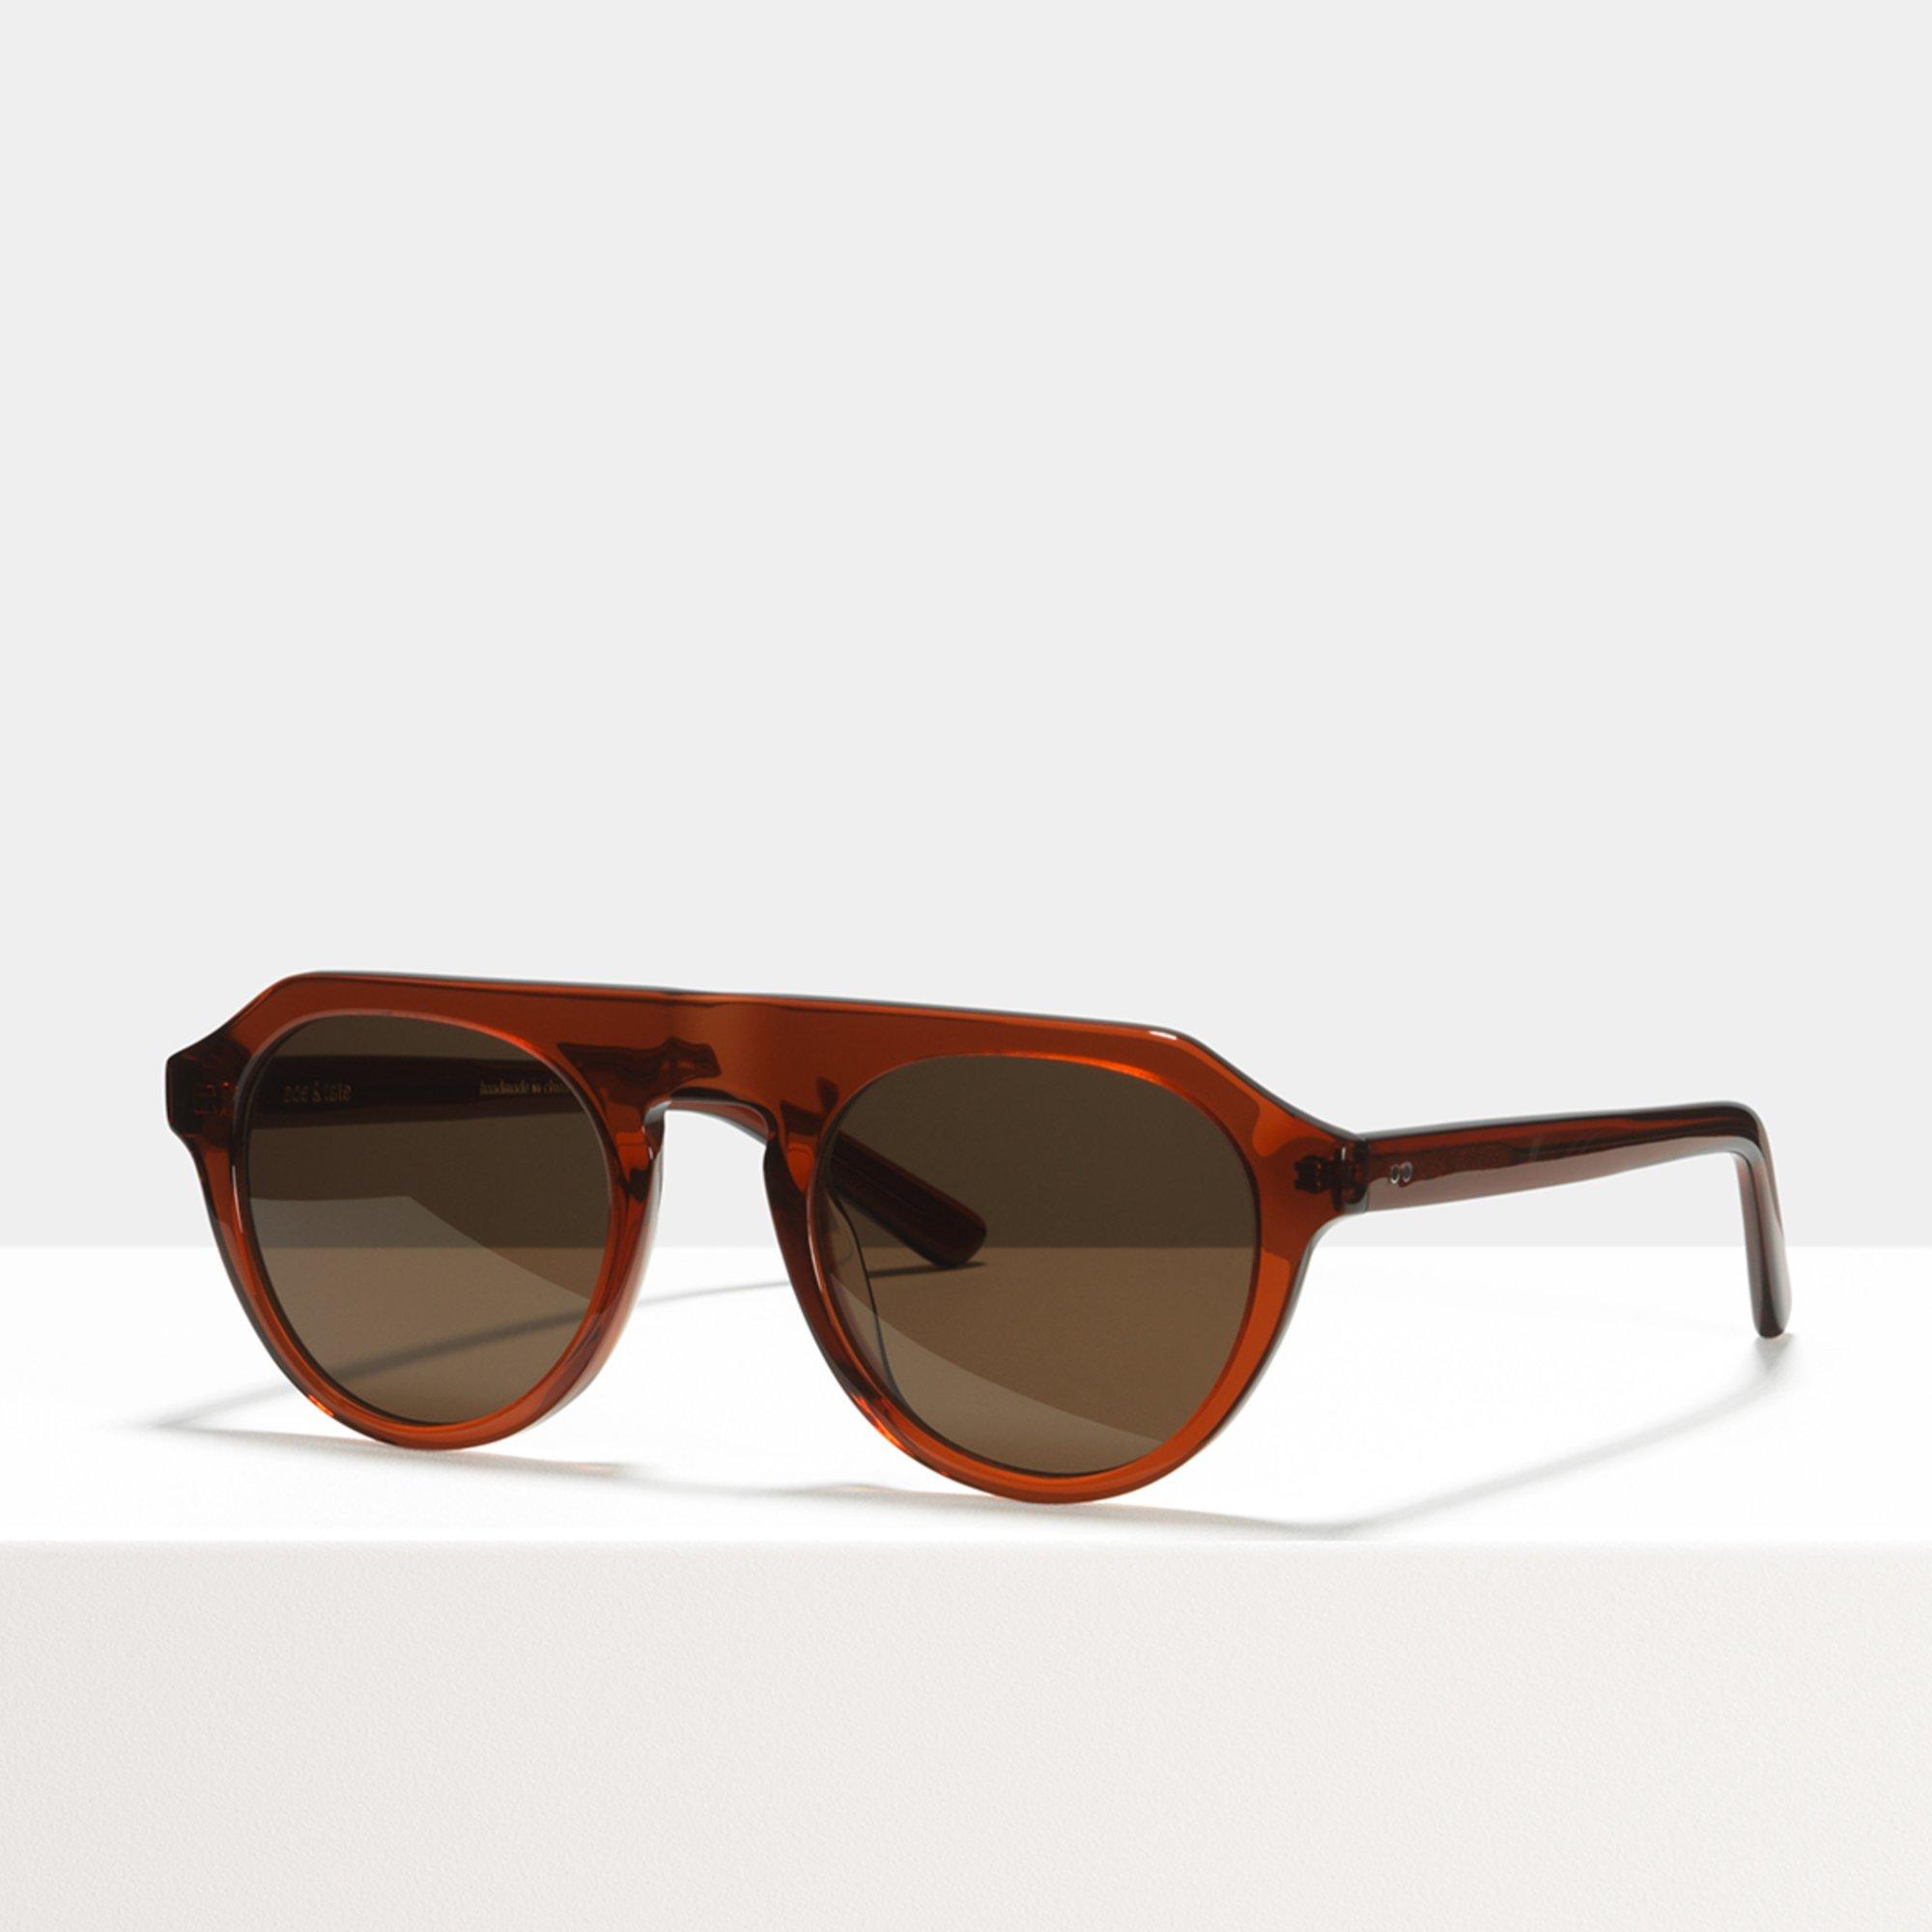 Ace & Tate Sunglasses   rund Acetat in Braun, Rot